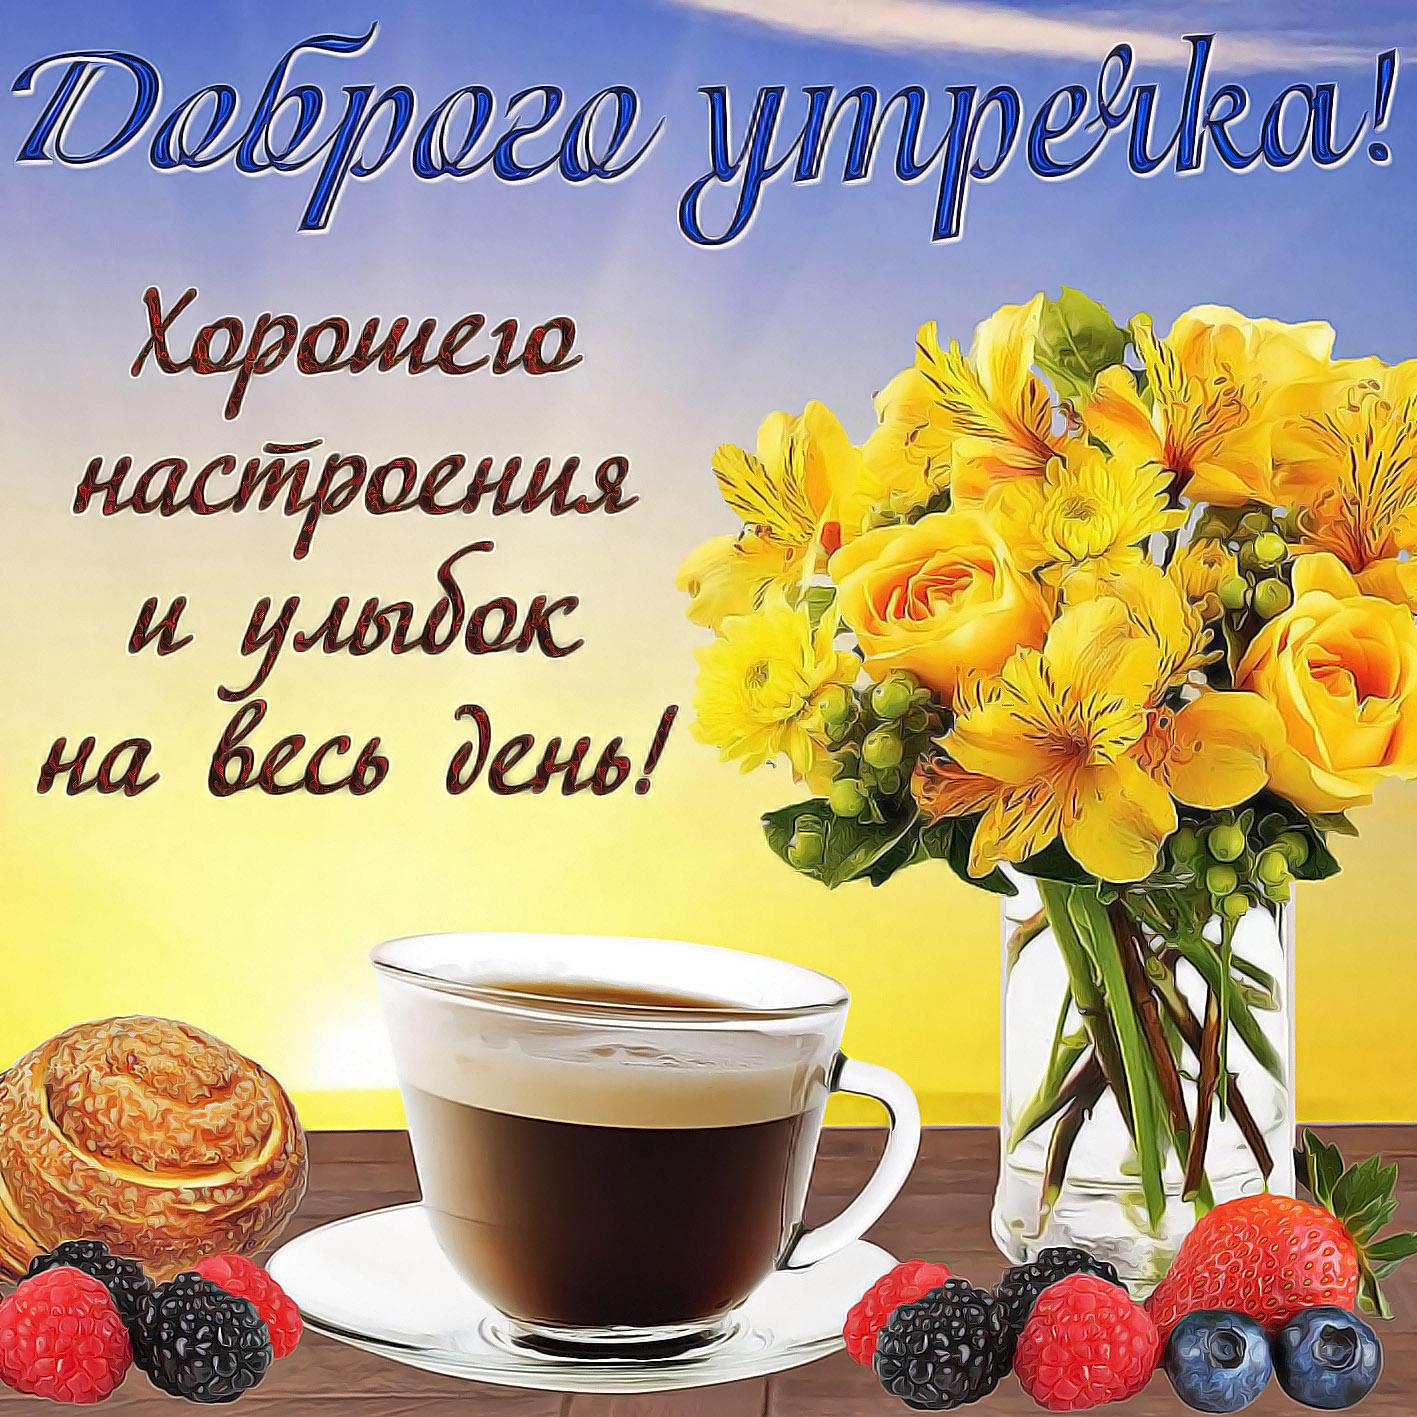 Позитивные картинки с пожеланиями доброго утра и дня